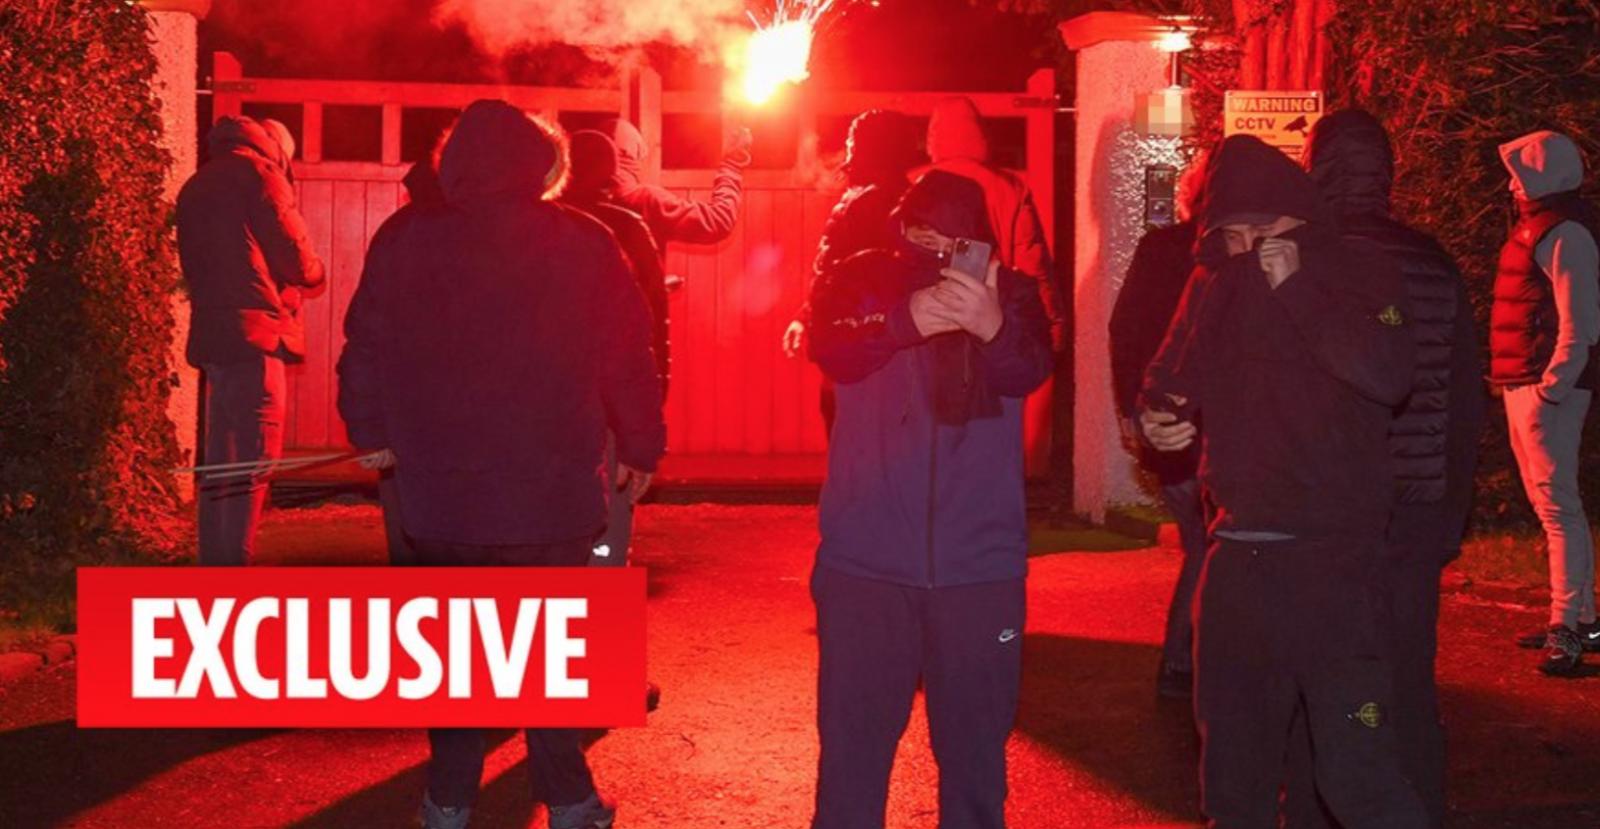 曼联指控太阳报,称其预先知道球迷袭击伍德沃德的家